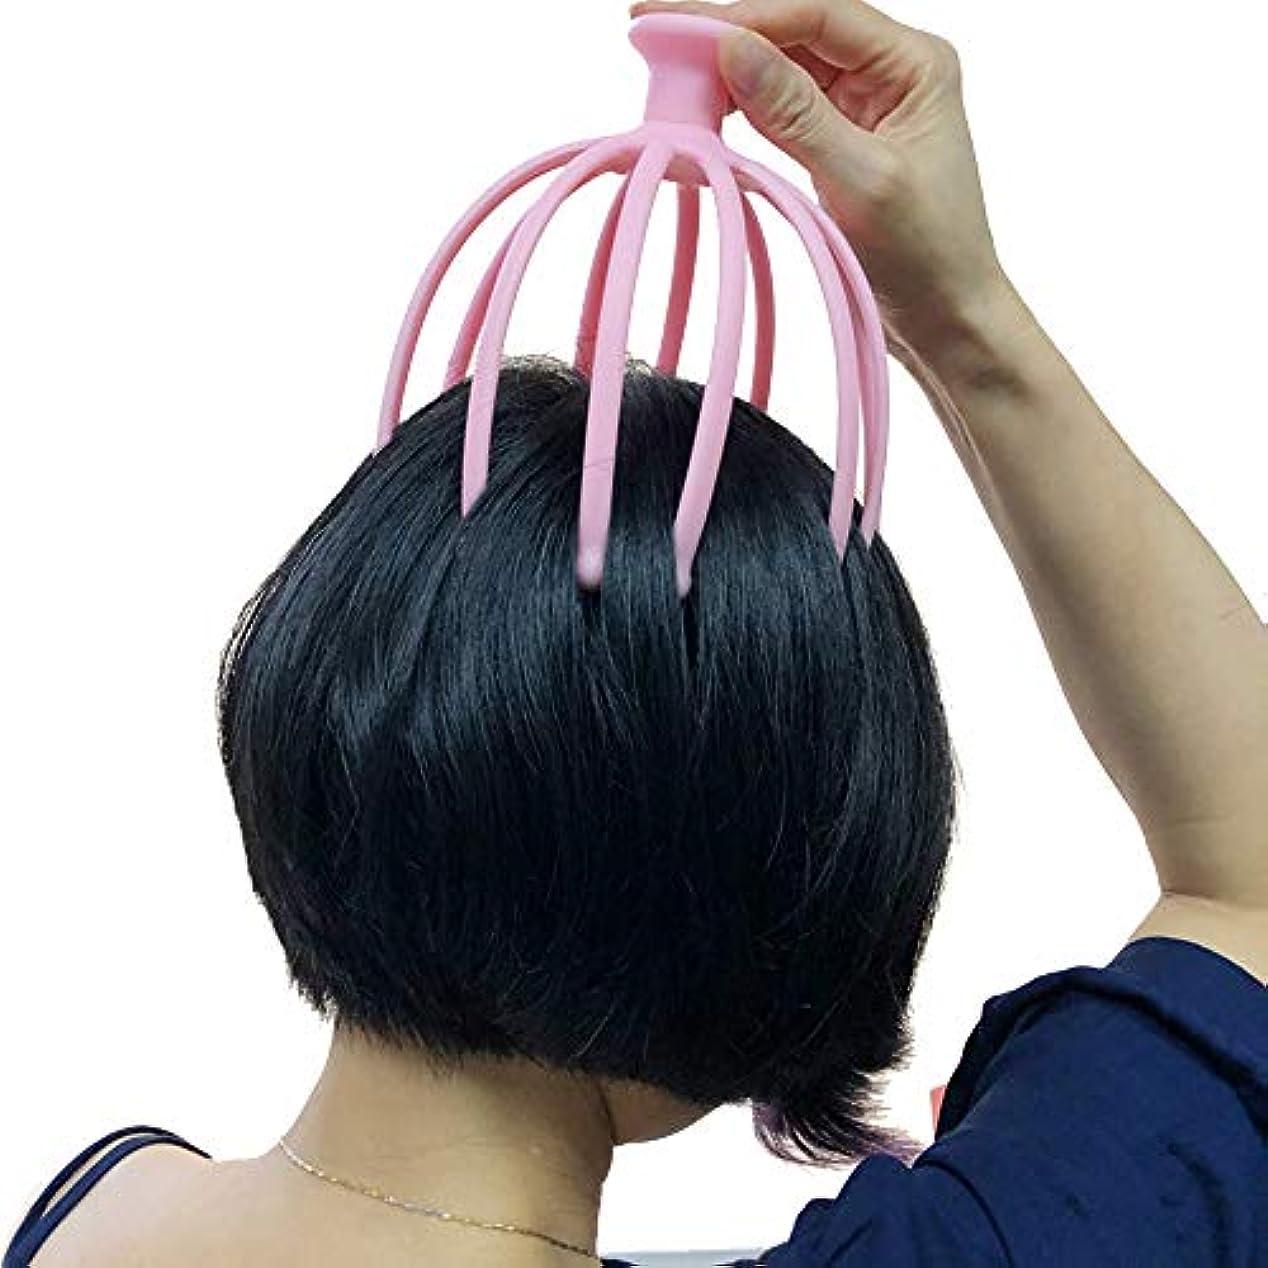 見捨てられたペネロペ付属品ヘッドマッサージ 鋼球 12本の爪 マッサージャーツボ なだめるような ブレーンストーミング 人目を引く 頭皮 マッサージャー   (1パック),Pink